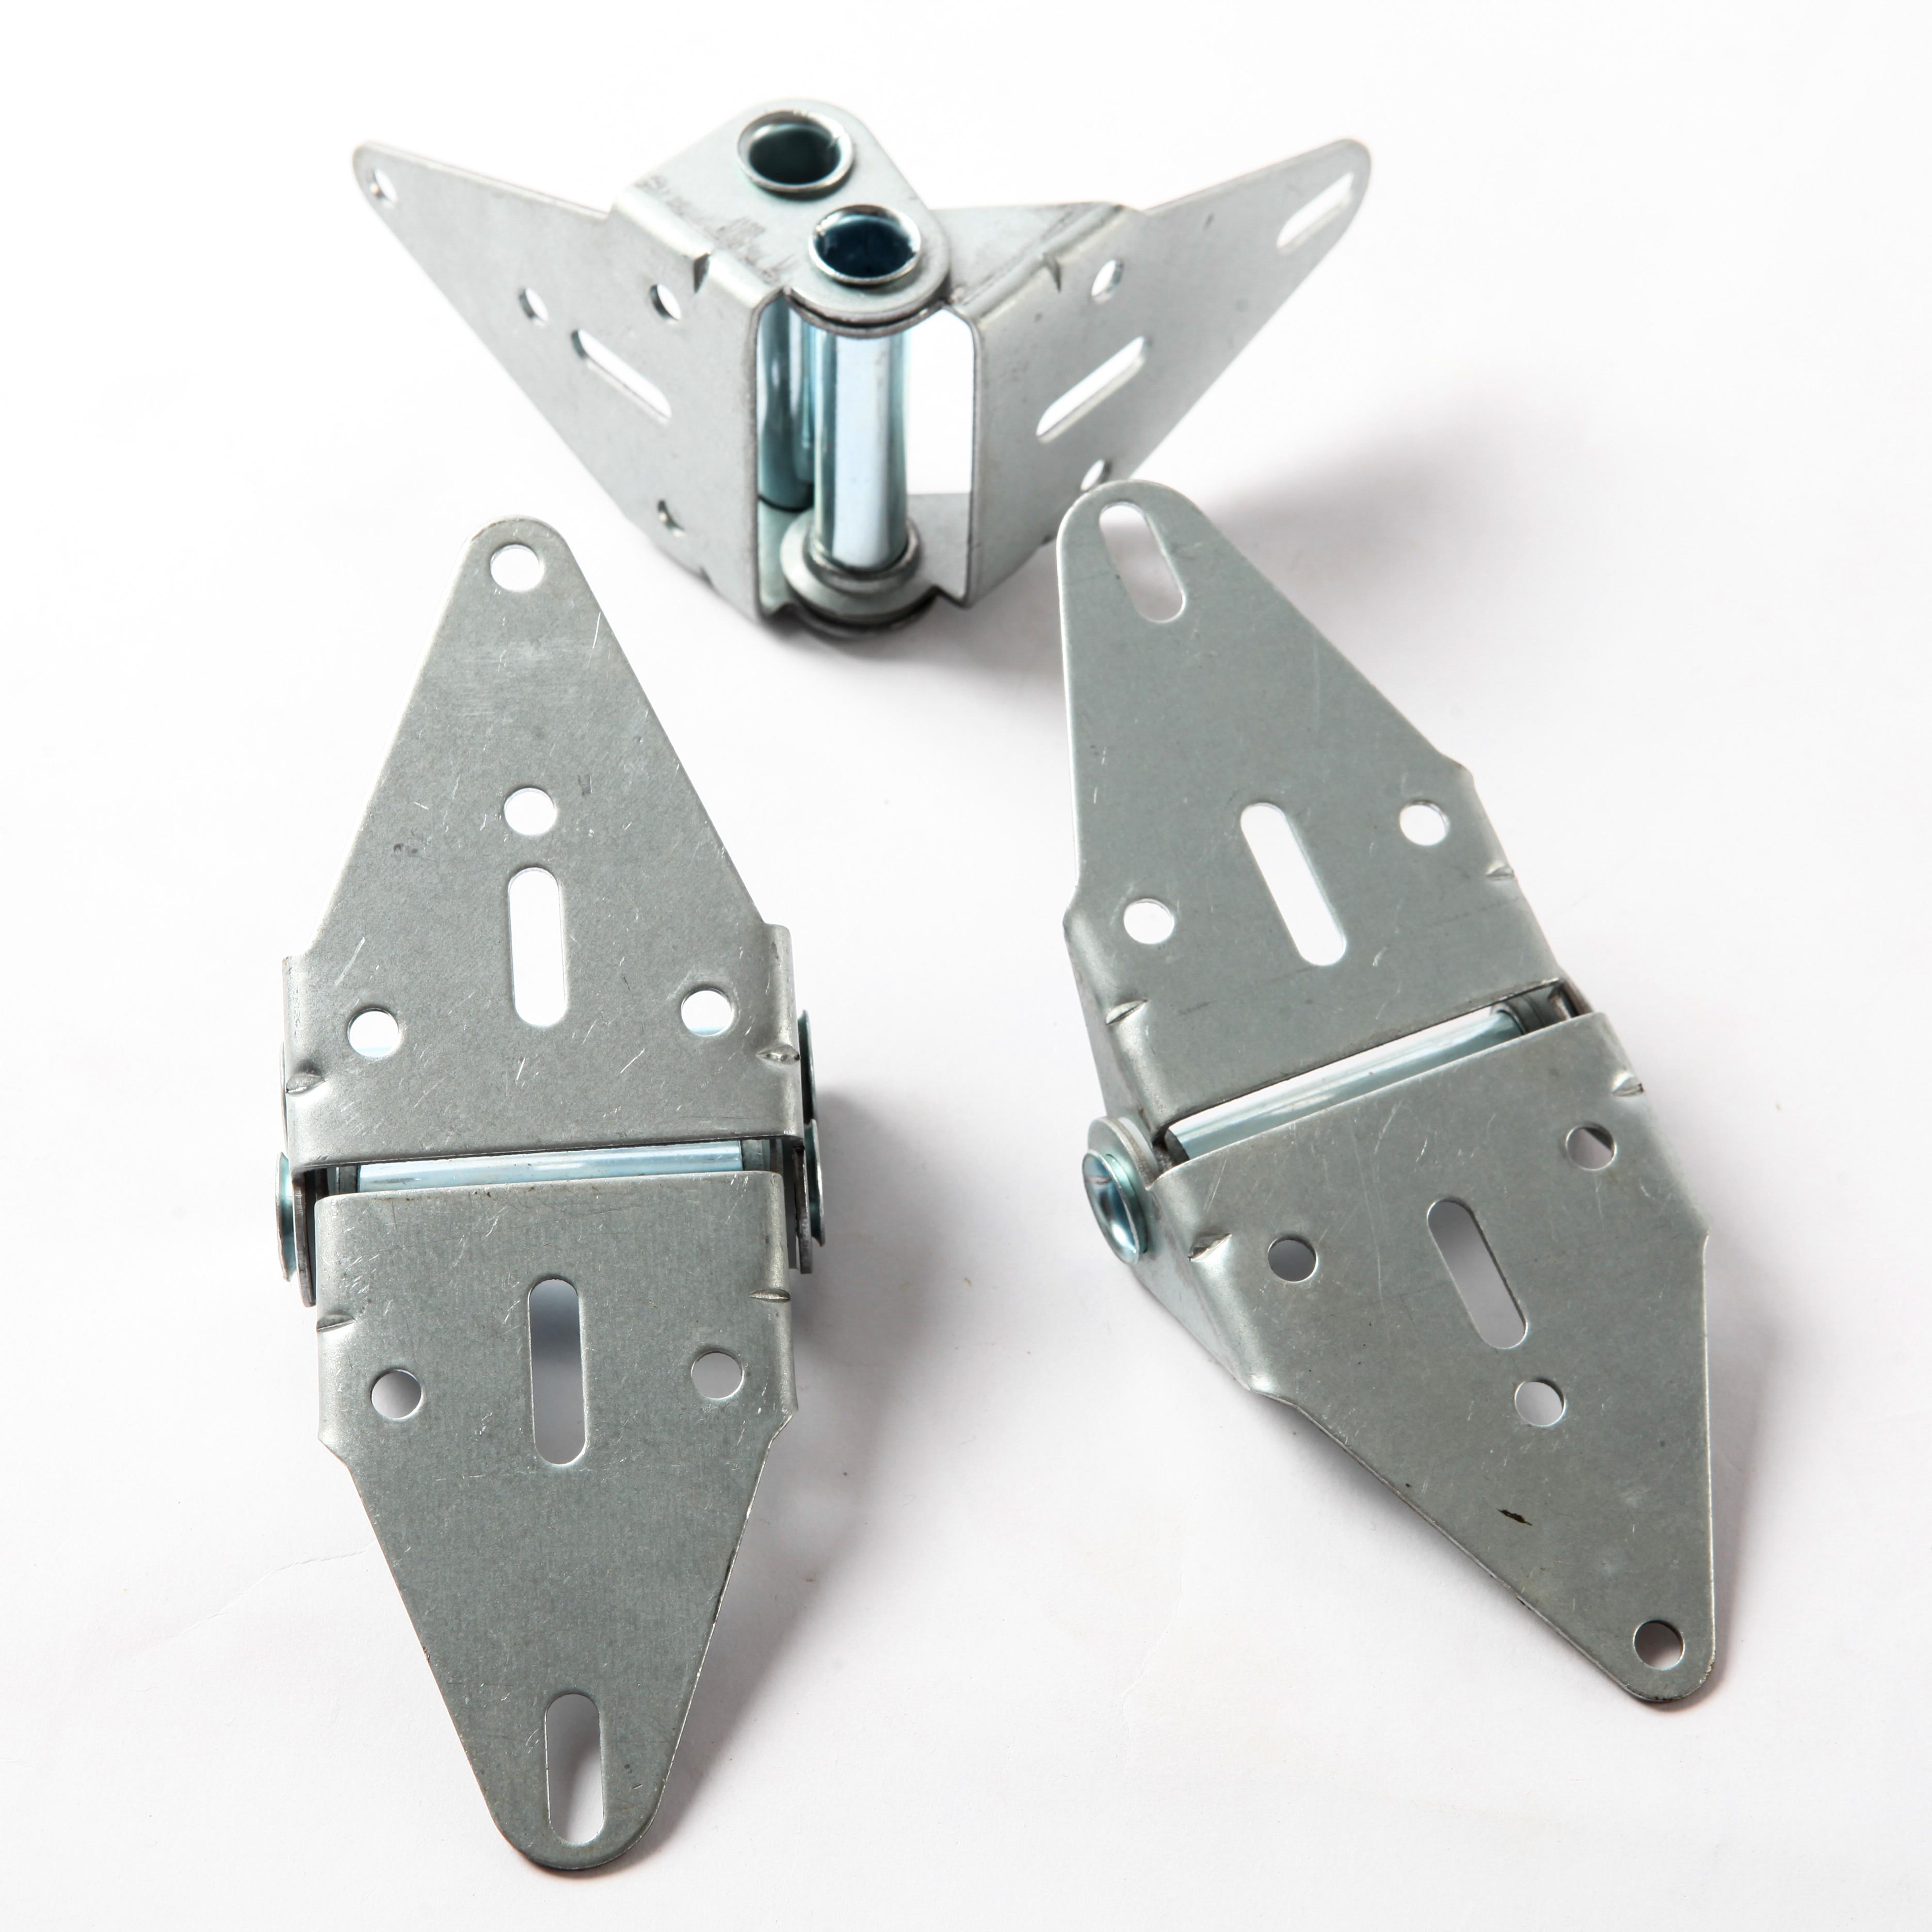 прямых производителей лоскут электрический пульт дверь гаража петли аксессуары (№ 2, № 2 тарелки)